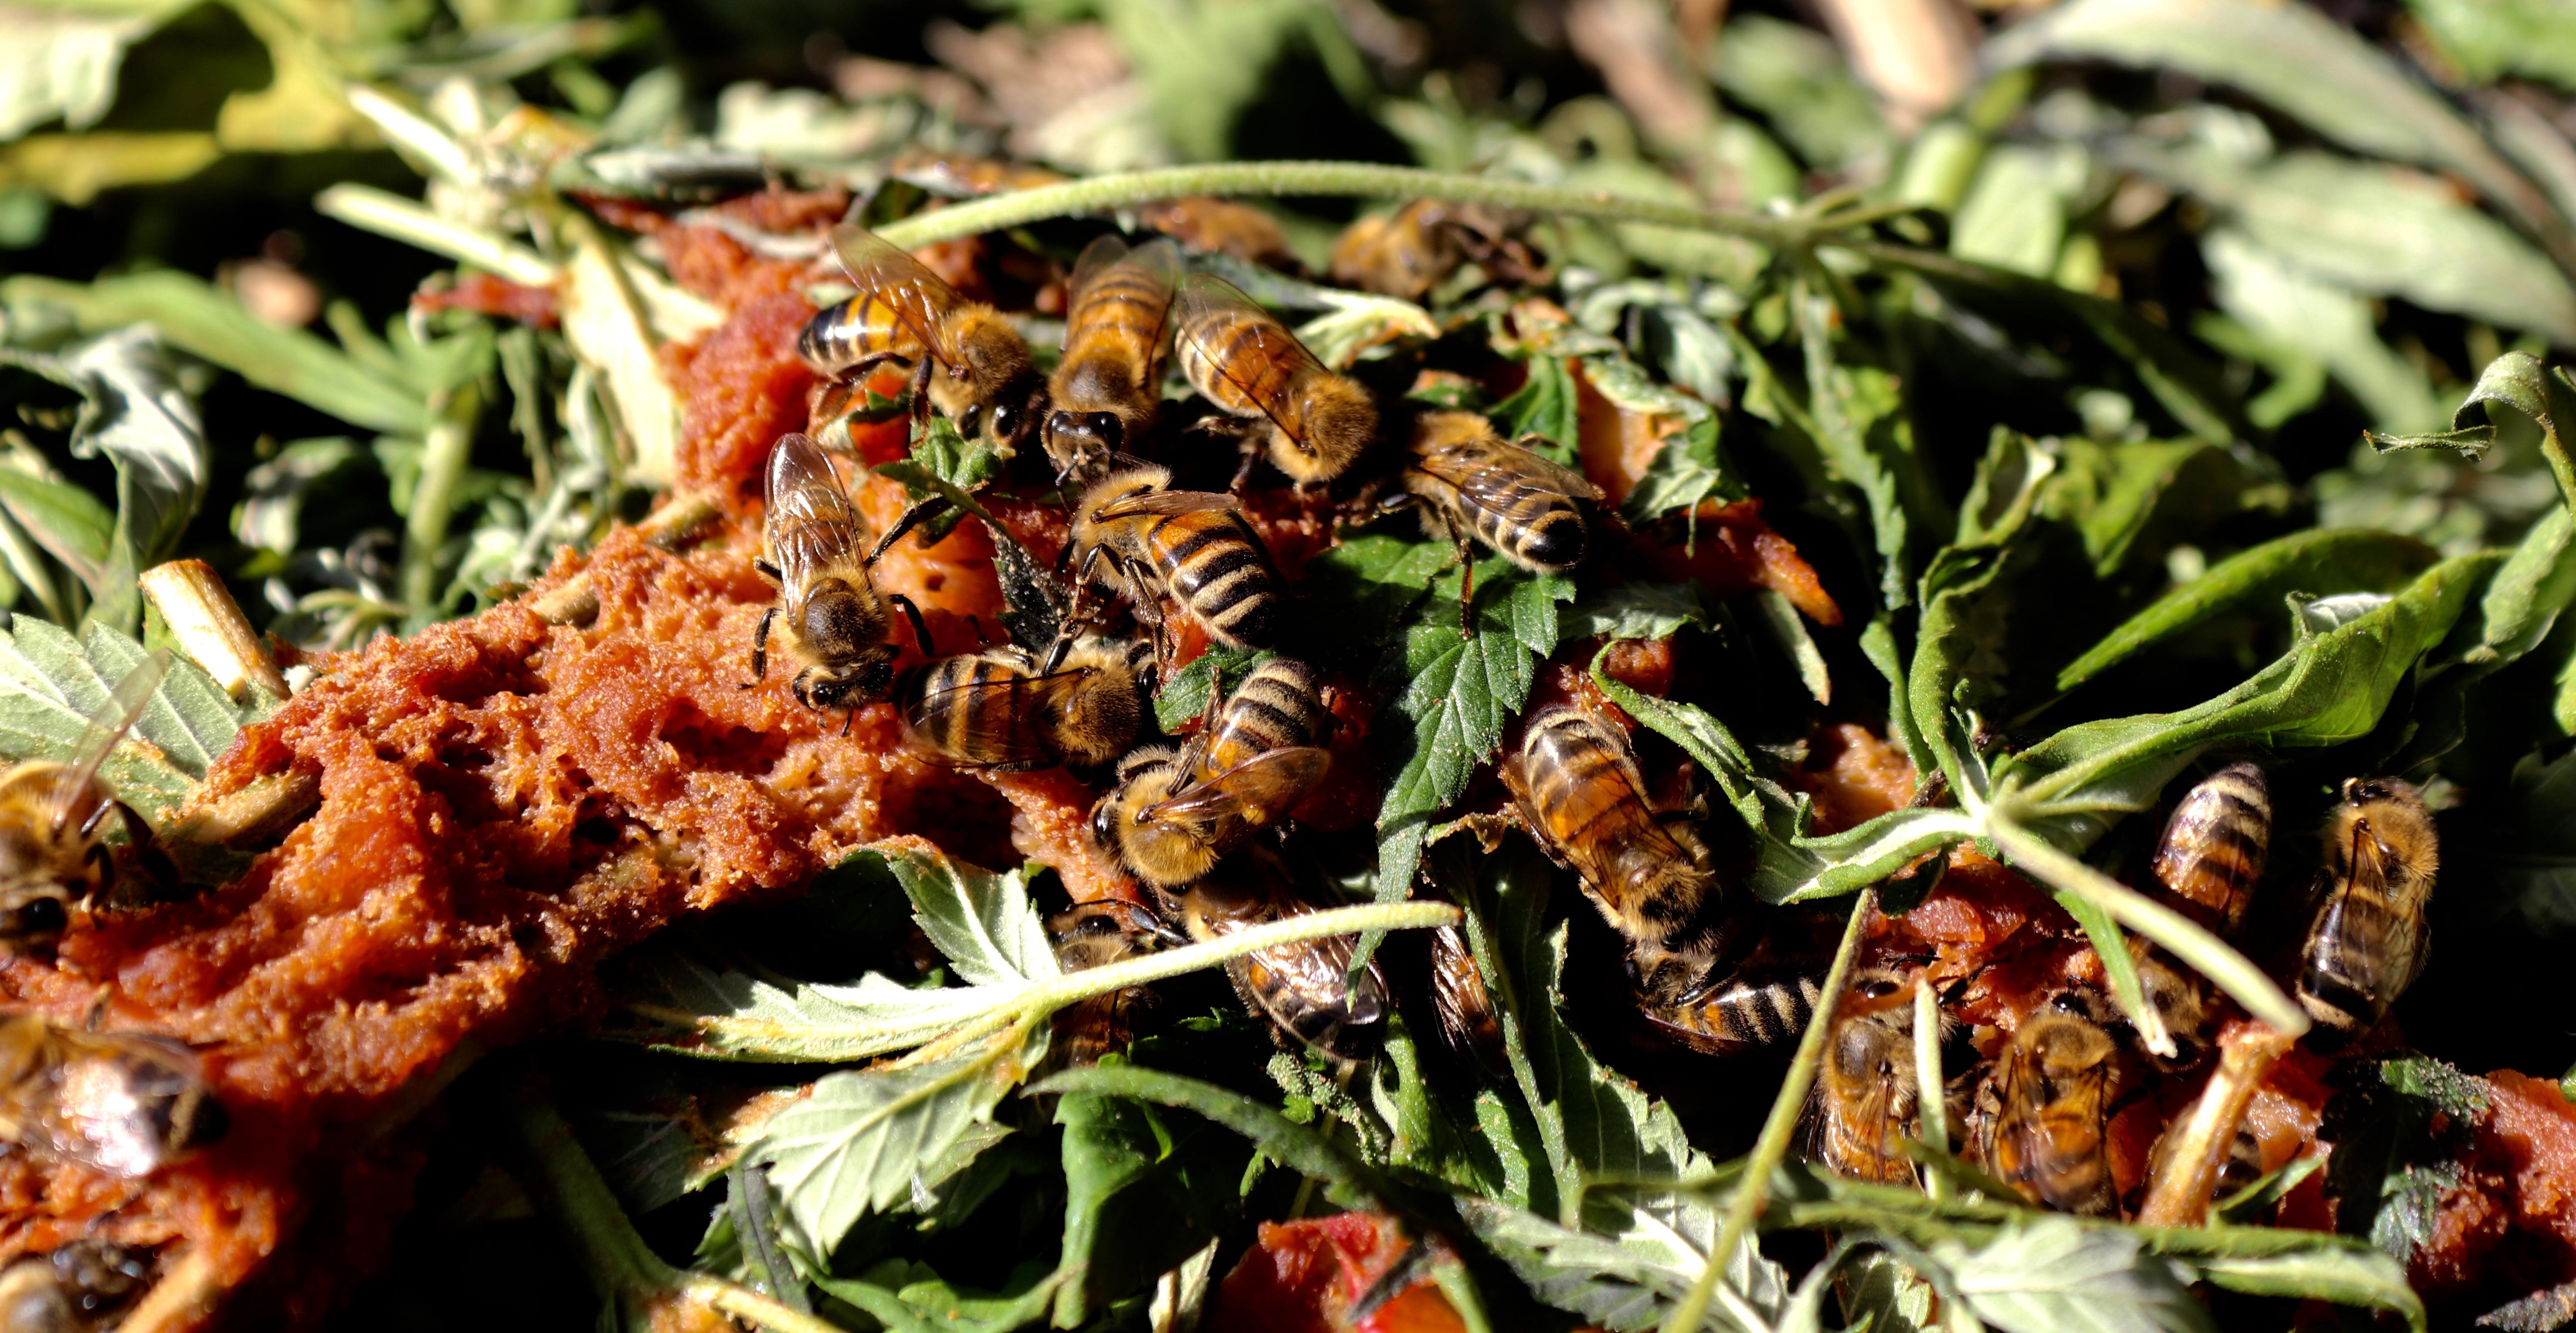 10. Auf Kompost wühlen sich Bienen durch Blätter um an Apfelmus zu gelangen.